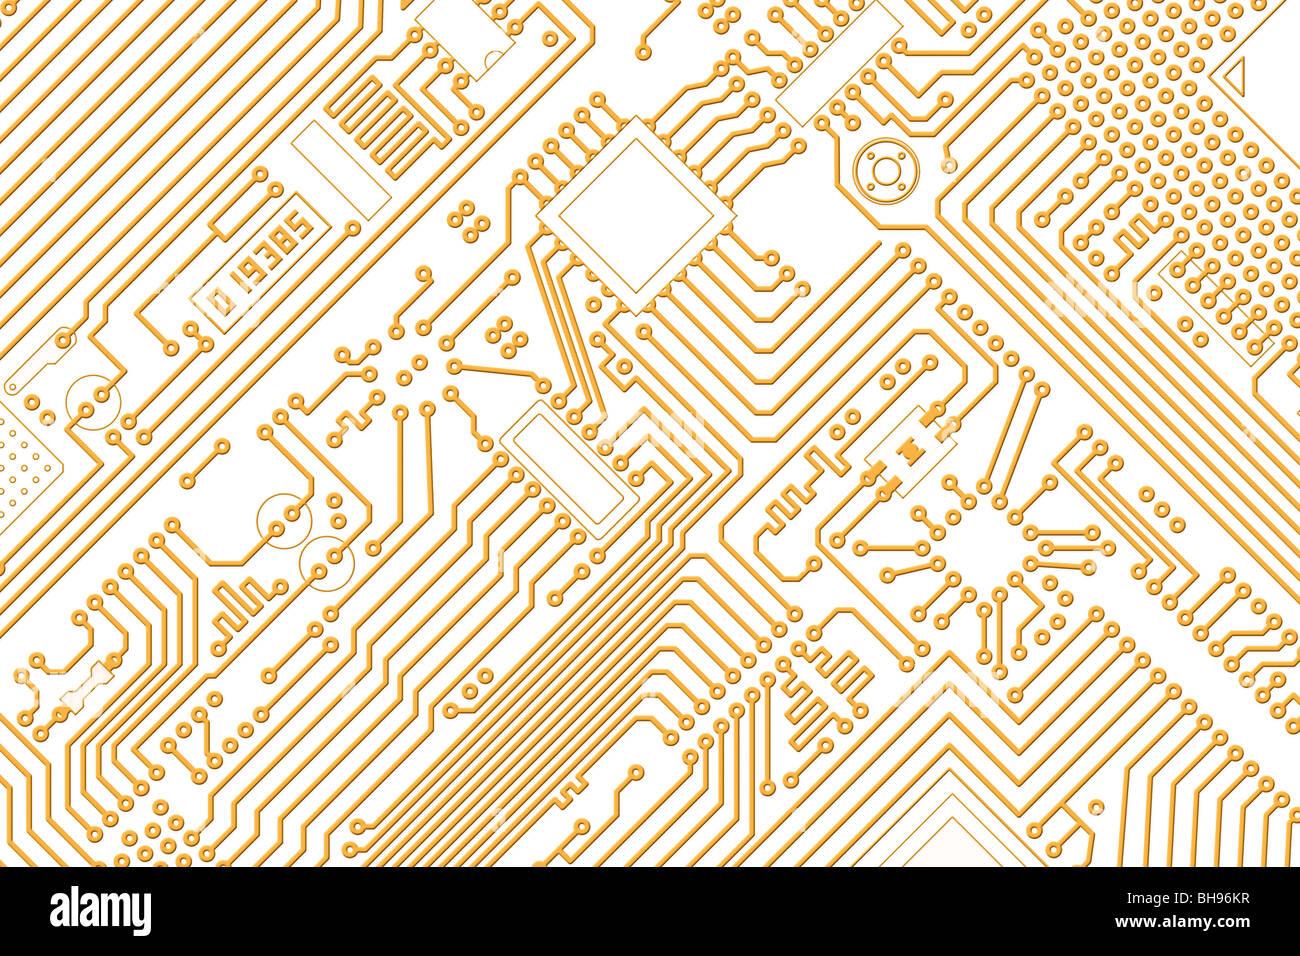 La haute technologie électronique industrielle d'or graphiques - Fond blanc Photo Stock